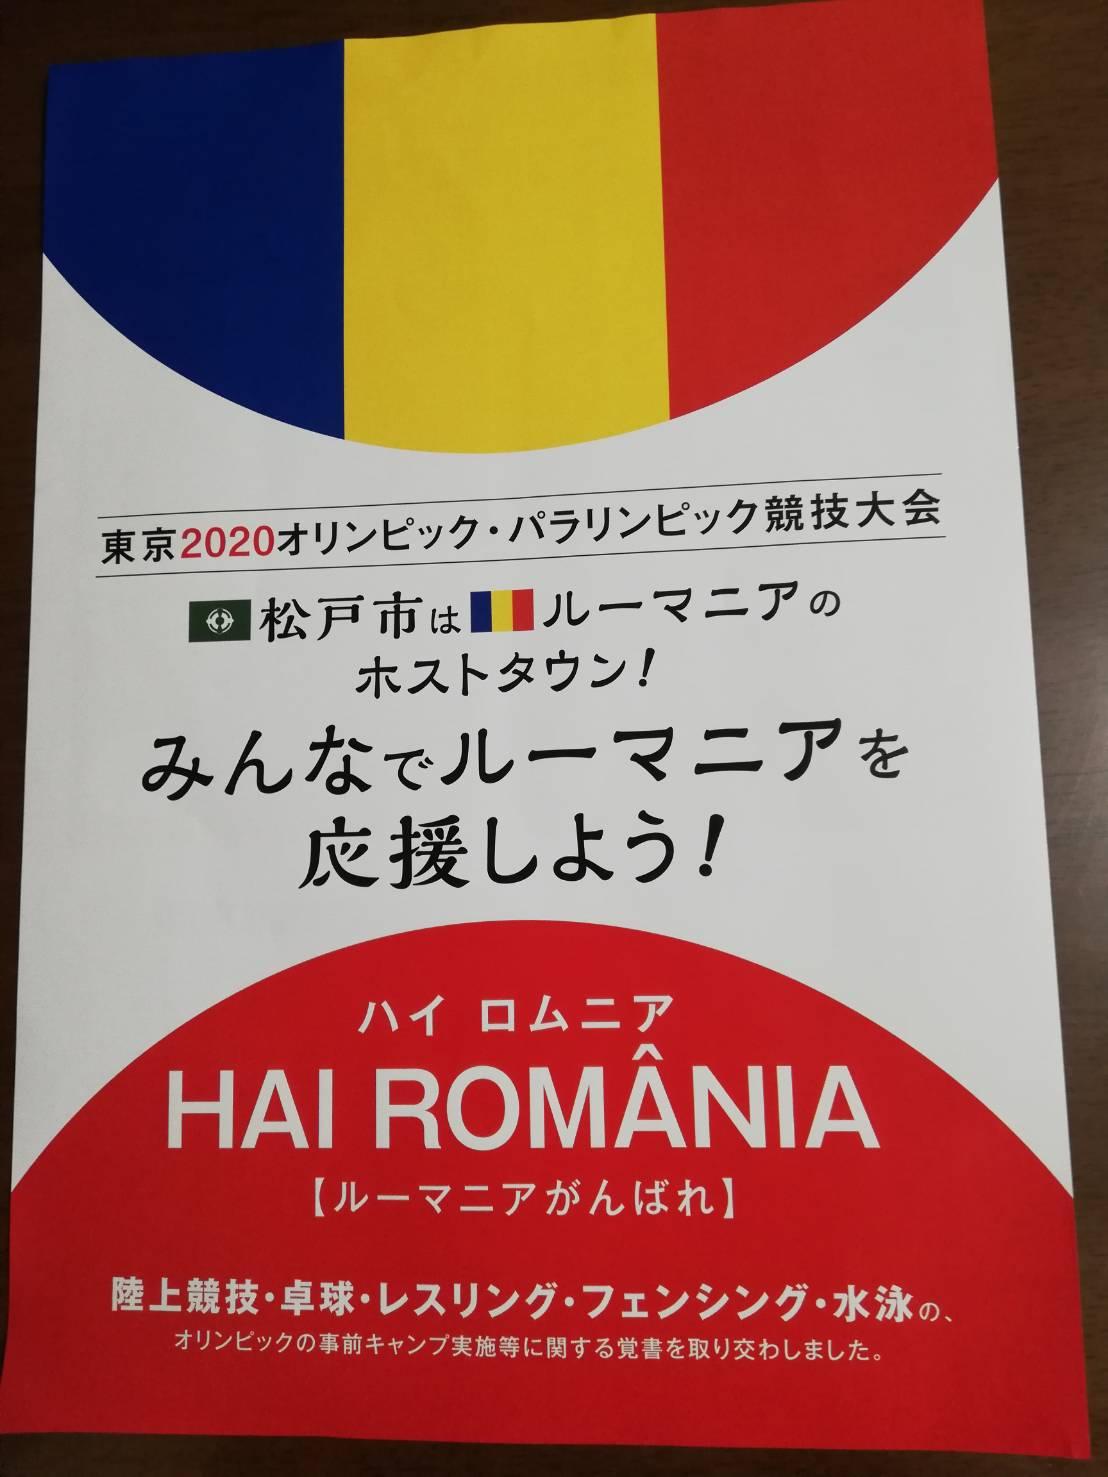 ルーマニア松戸市オリンピック